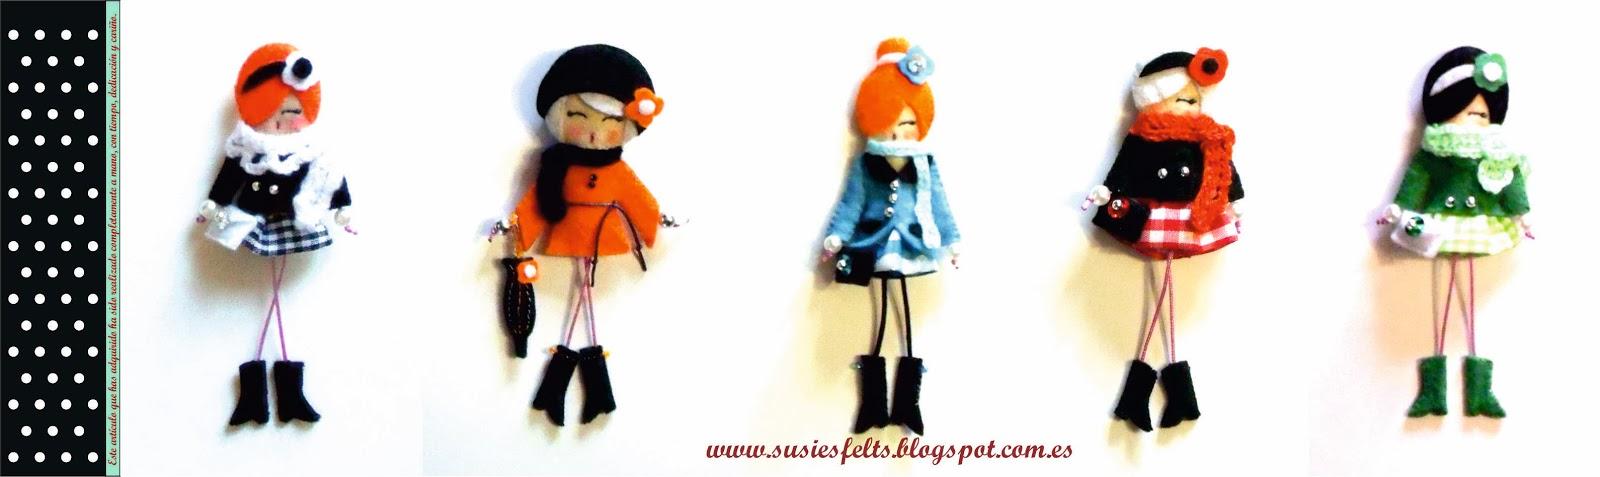 Susies, broches, fieltro, bufandas, muñecas